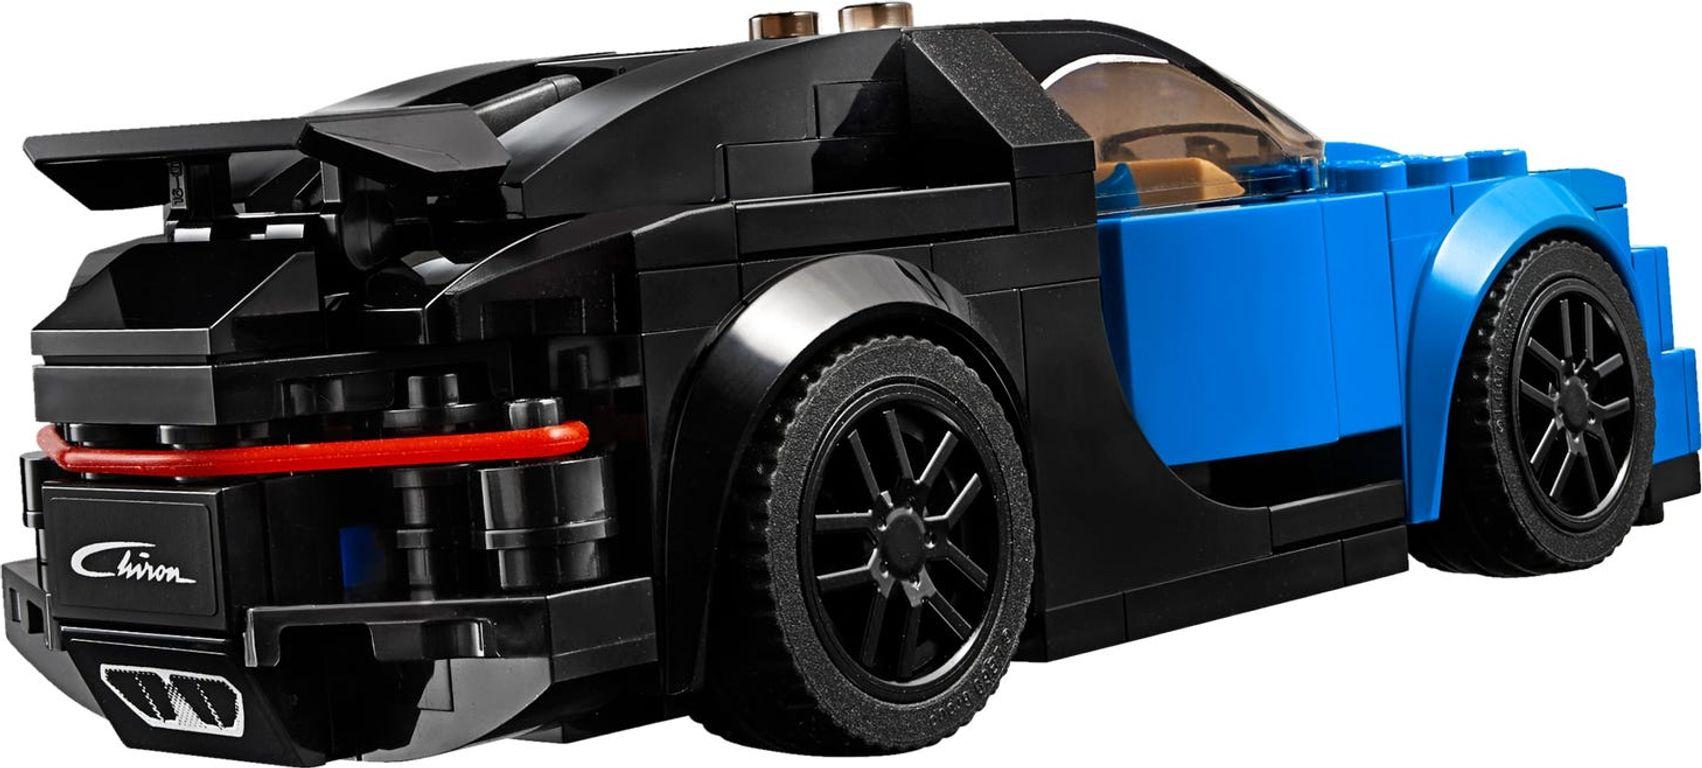 LEGO® Speed Champions Bugatti Chiron back side